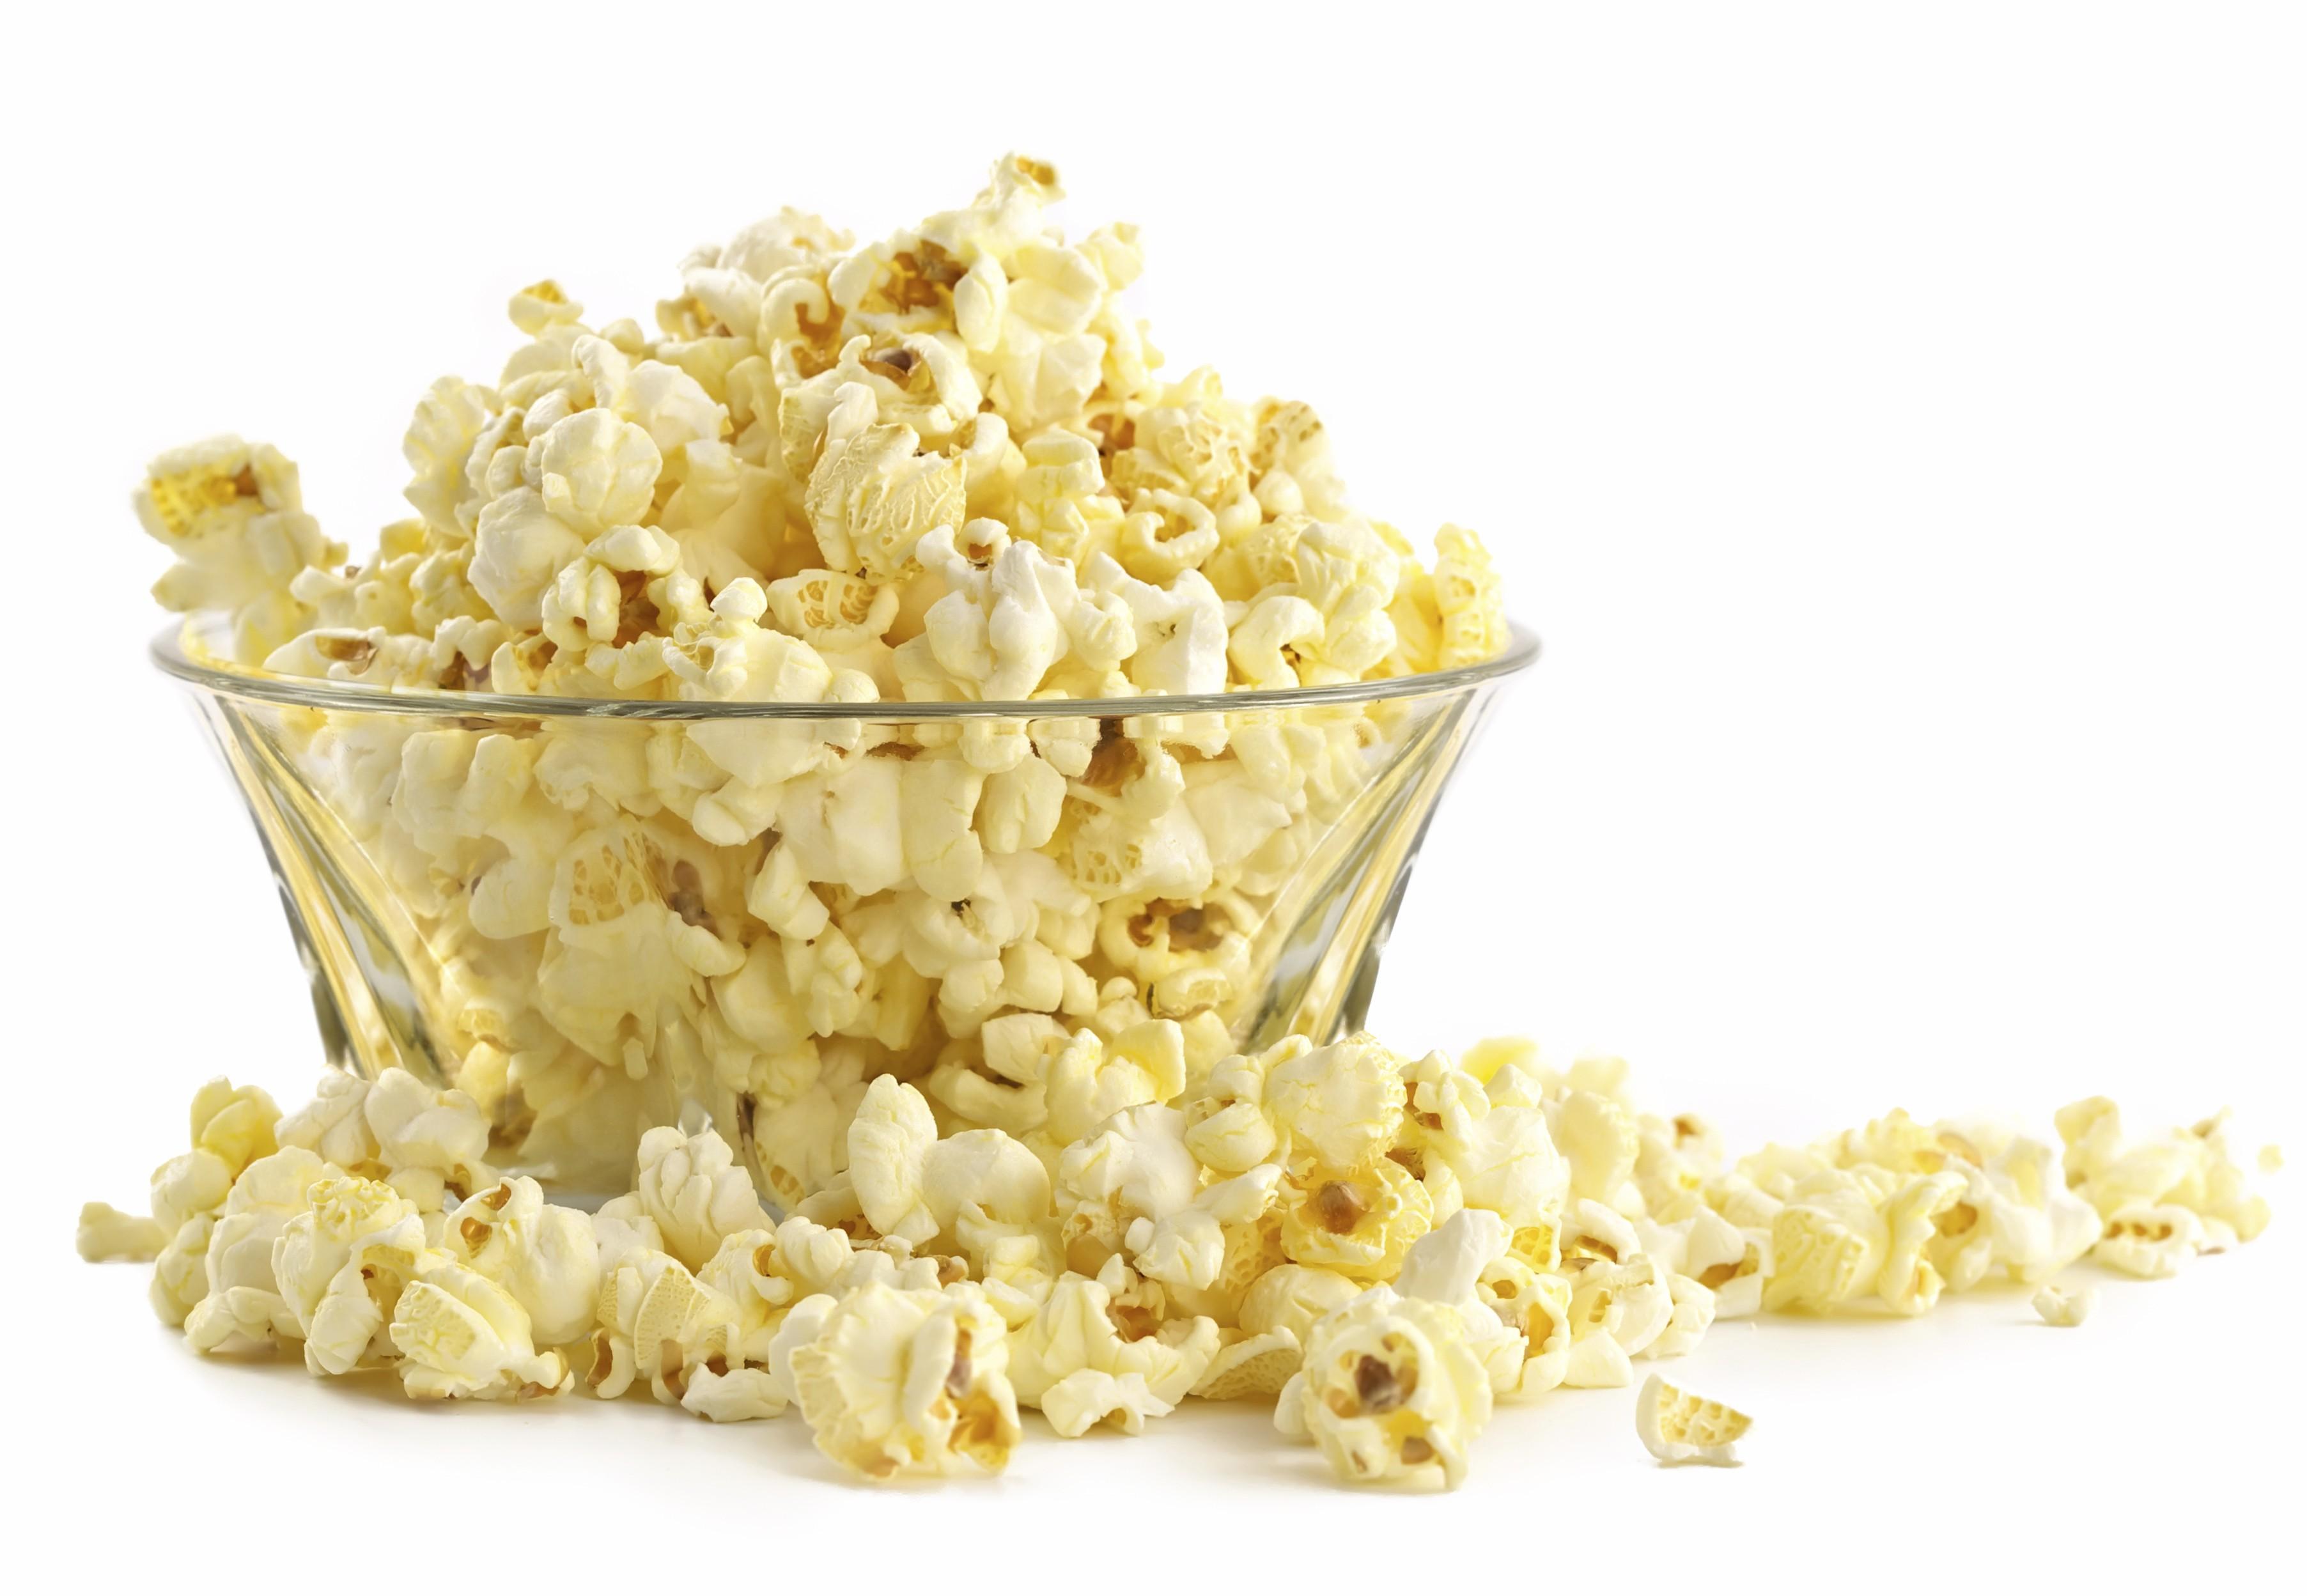 popcorn nyttigt 2016